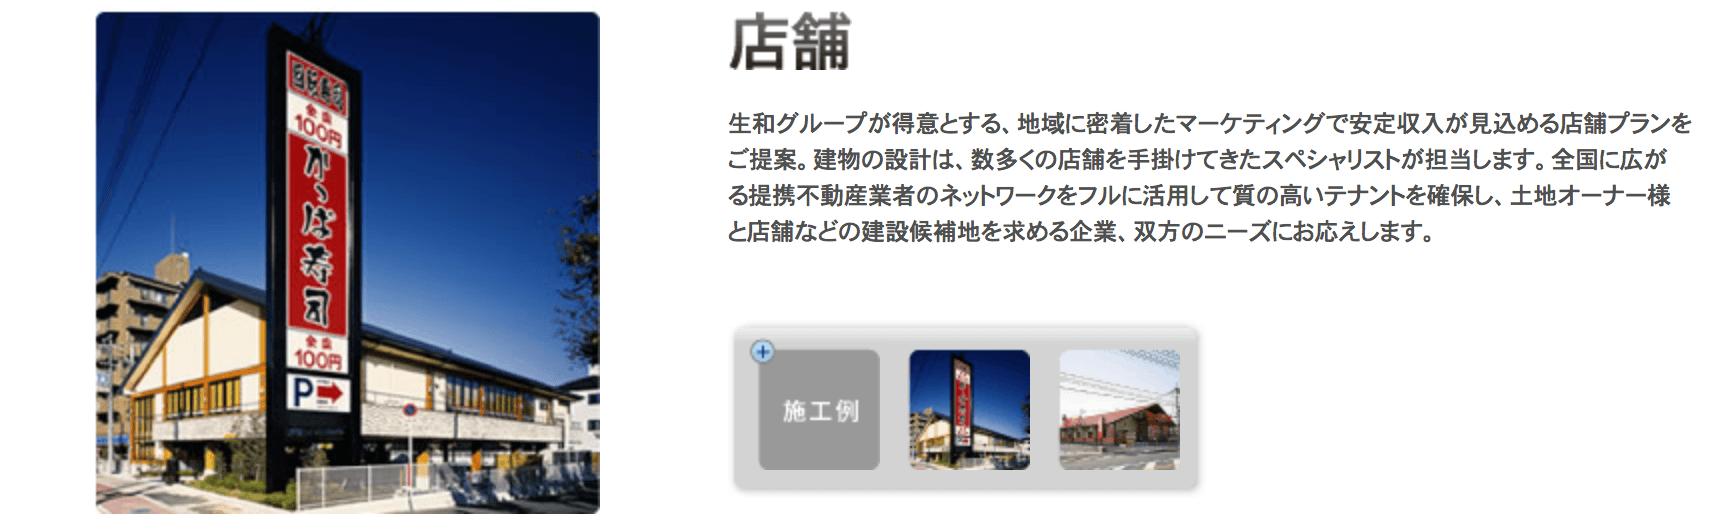 生和コーポレーション「商業系店舗」